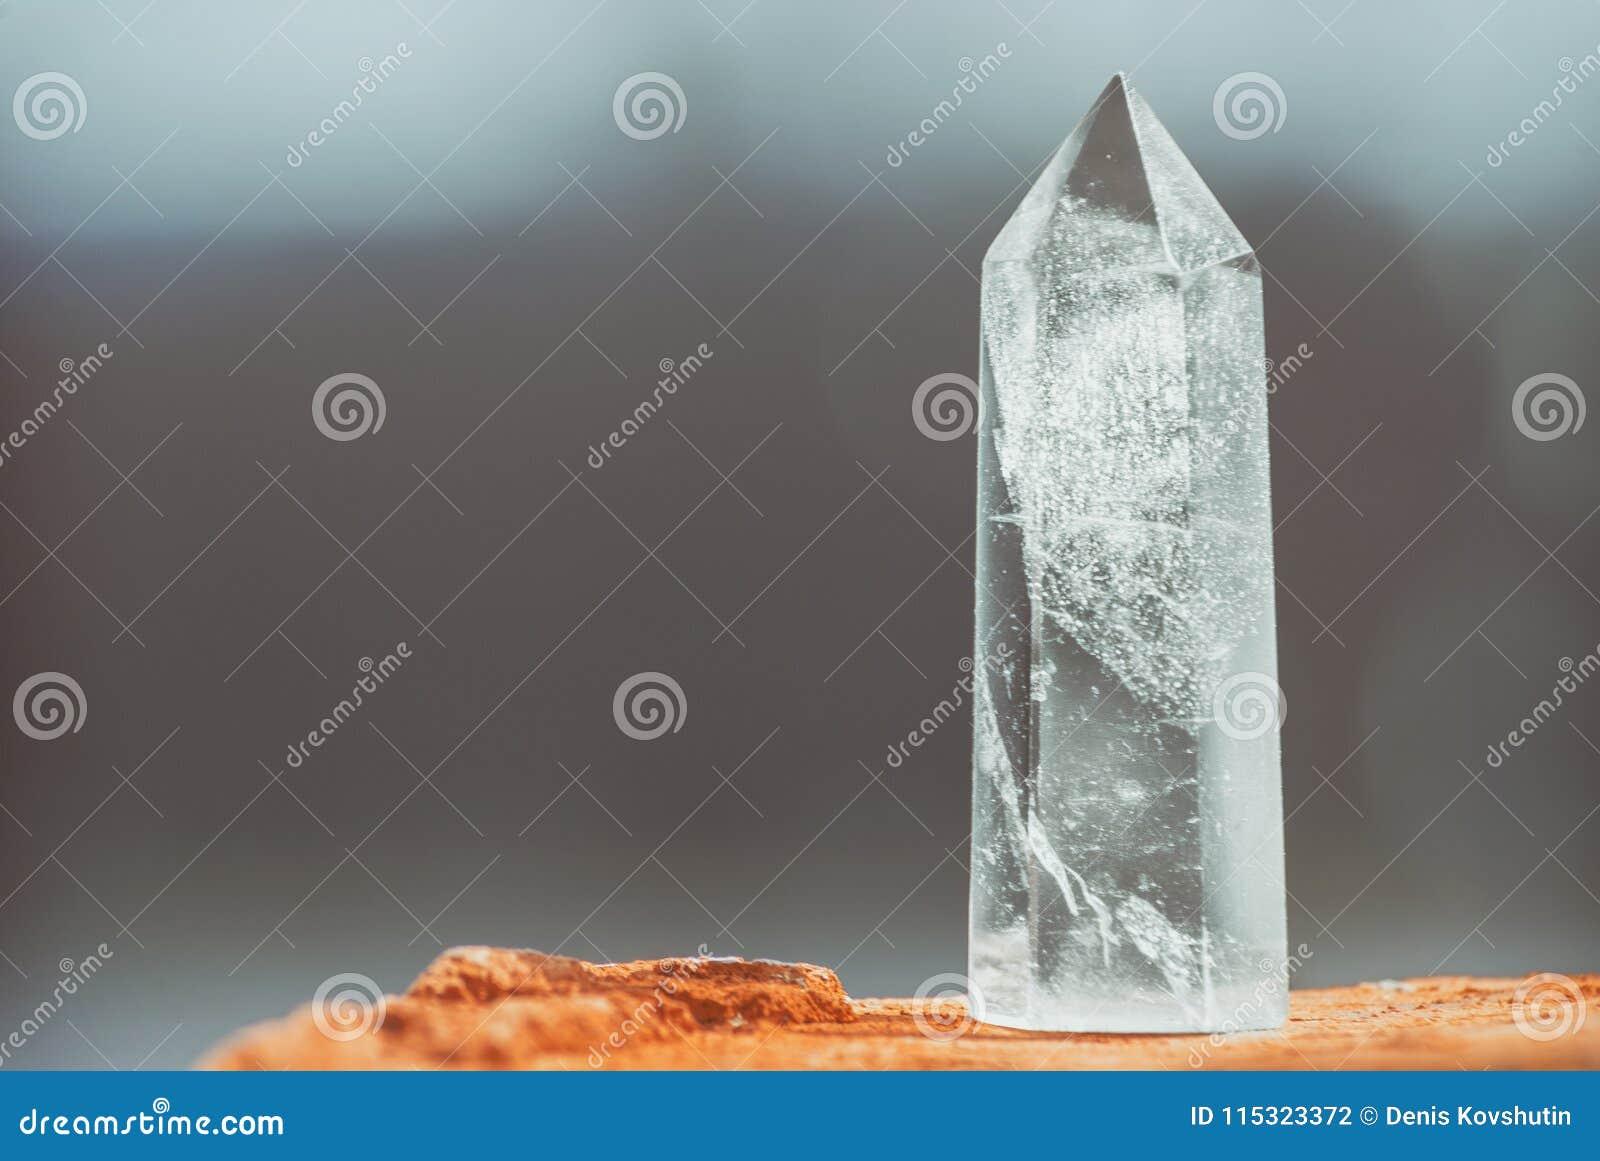 Großer klarer reiner transparenter großer königlicher Kristall des Quarz Chalcedonydiamanten glänzend auf Naturhintergrundabschlu